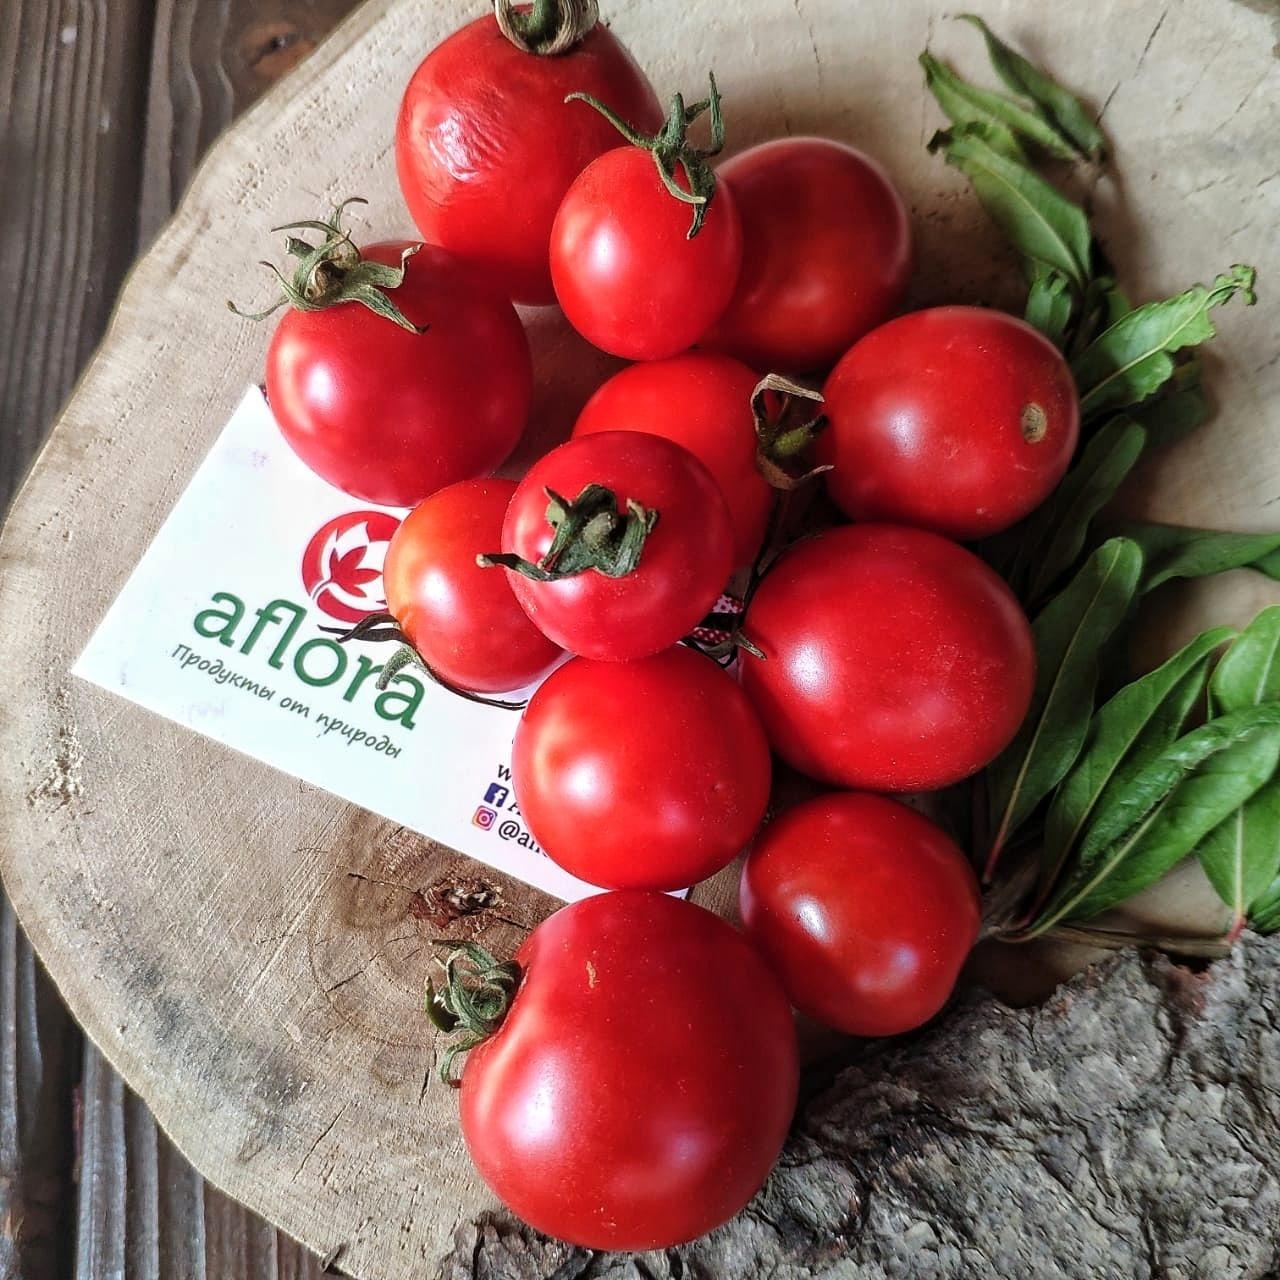 Фотография Помидоры Черри на ветке / 1 кг / РАСПРОДАЖА купить в магазине Афлора